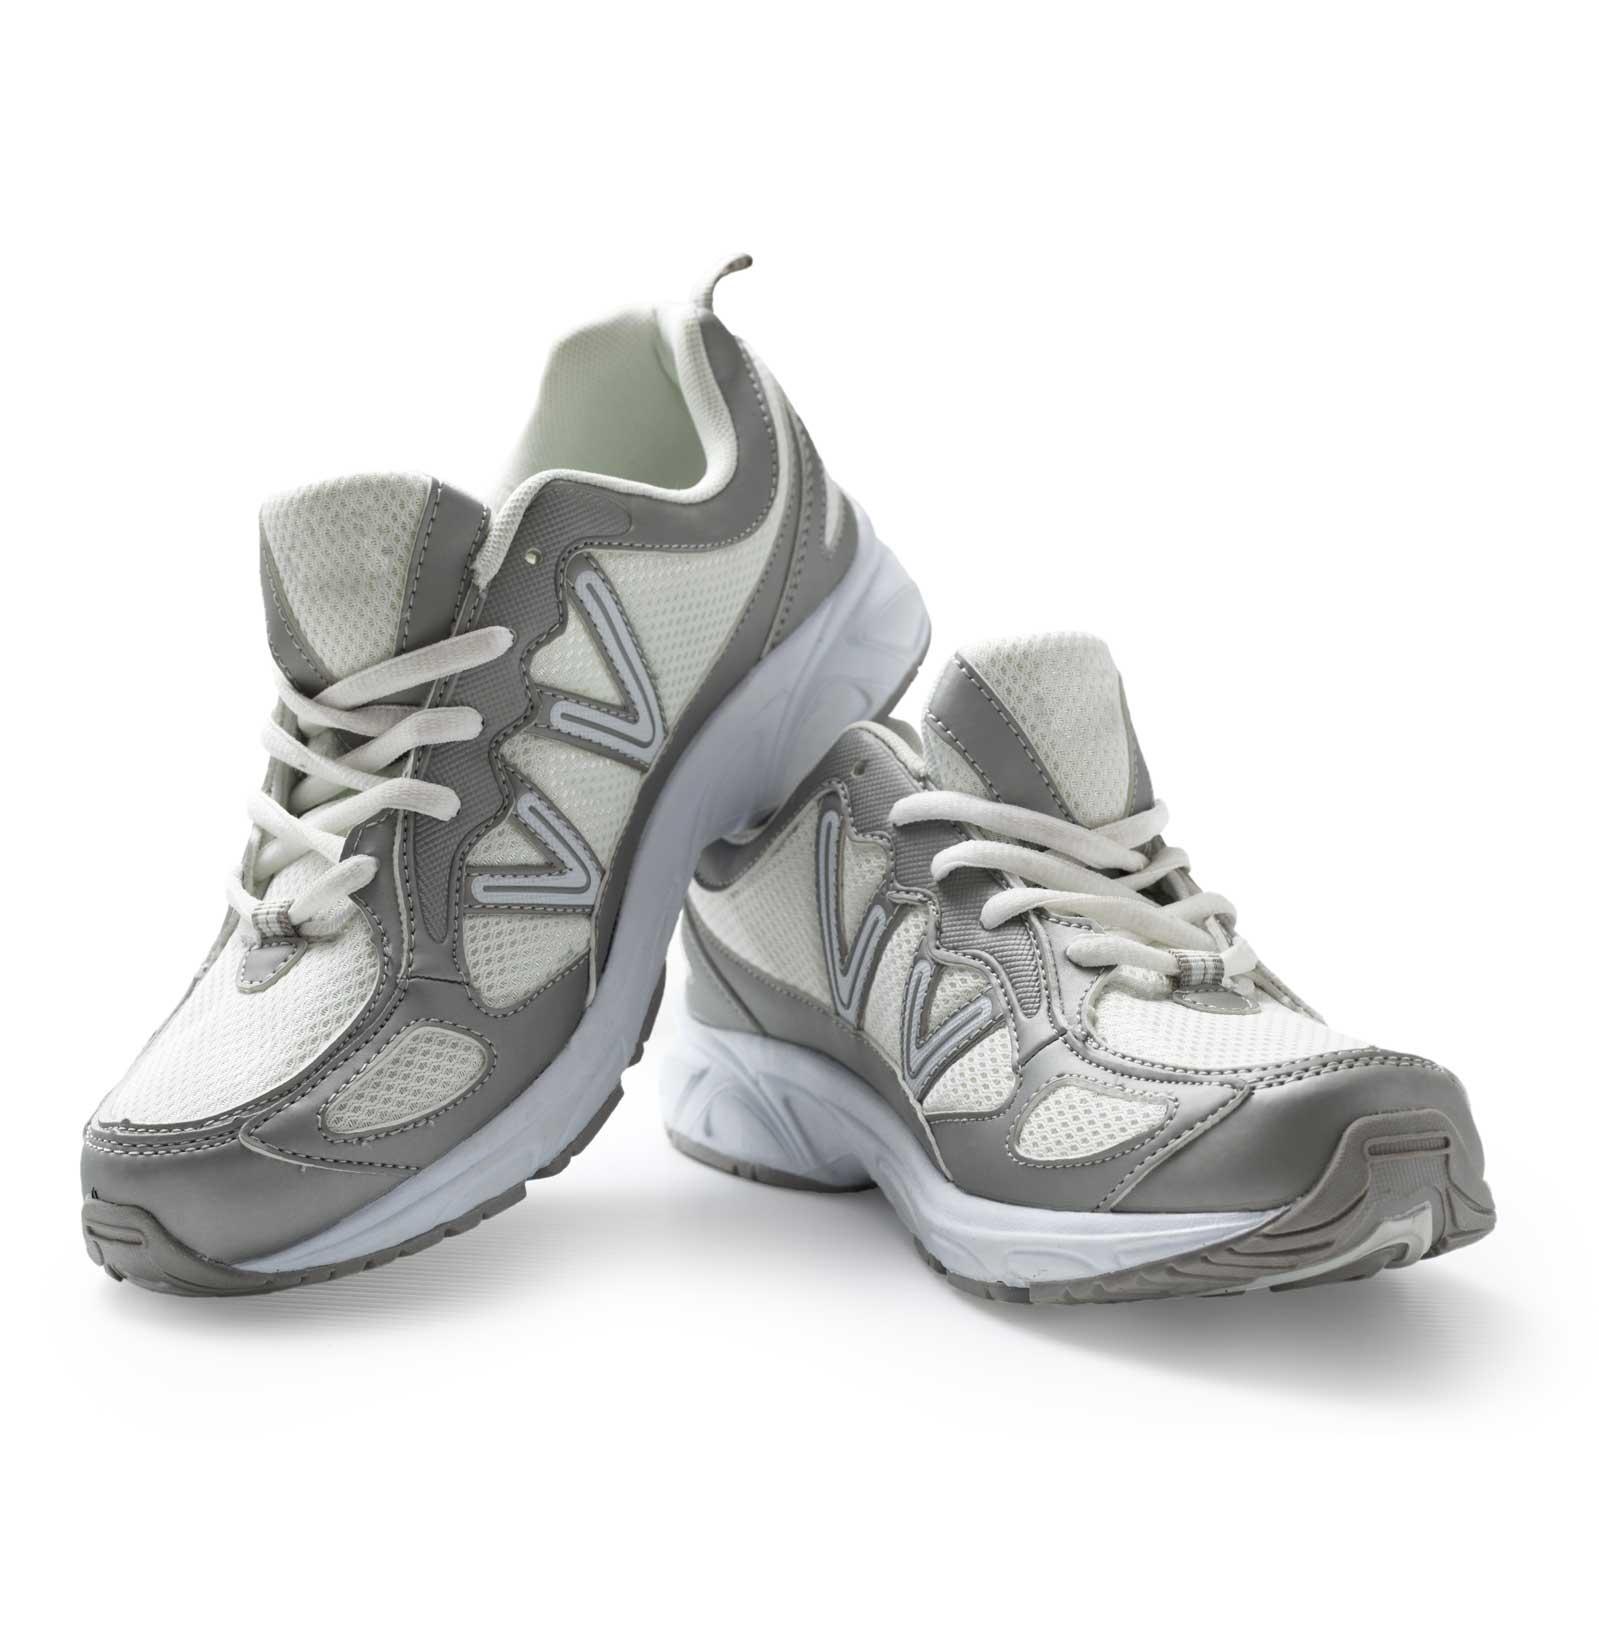 Schuh Freistellen Laufschuhe Schatten Bildbearbeitung